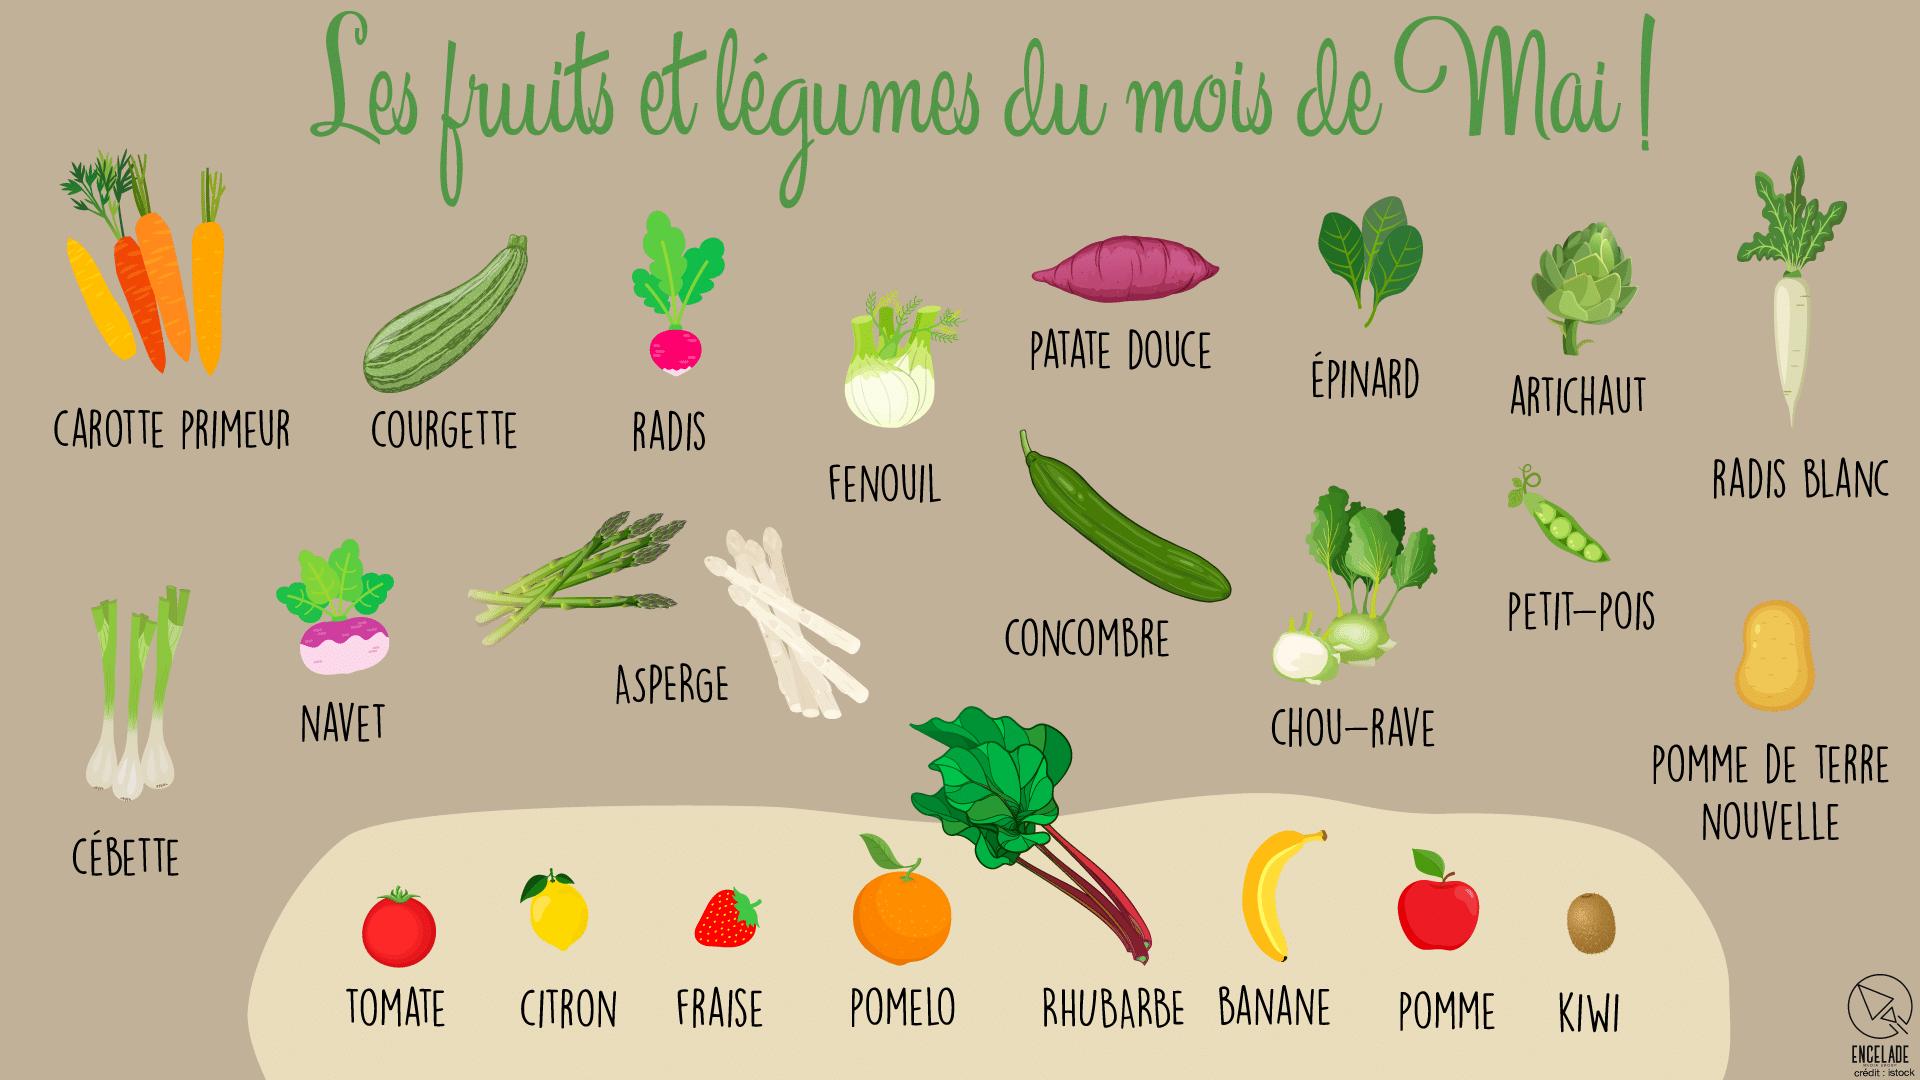 Les fruits et légumes du mois de Mai ! - La Recette